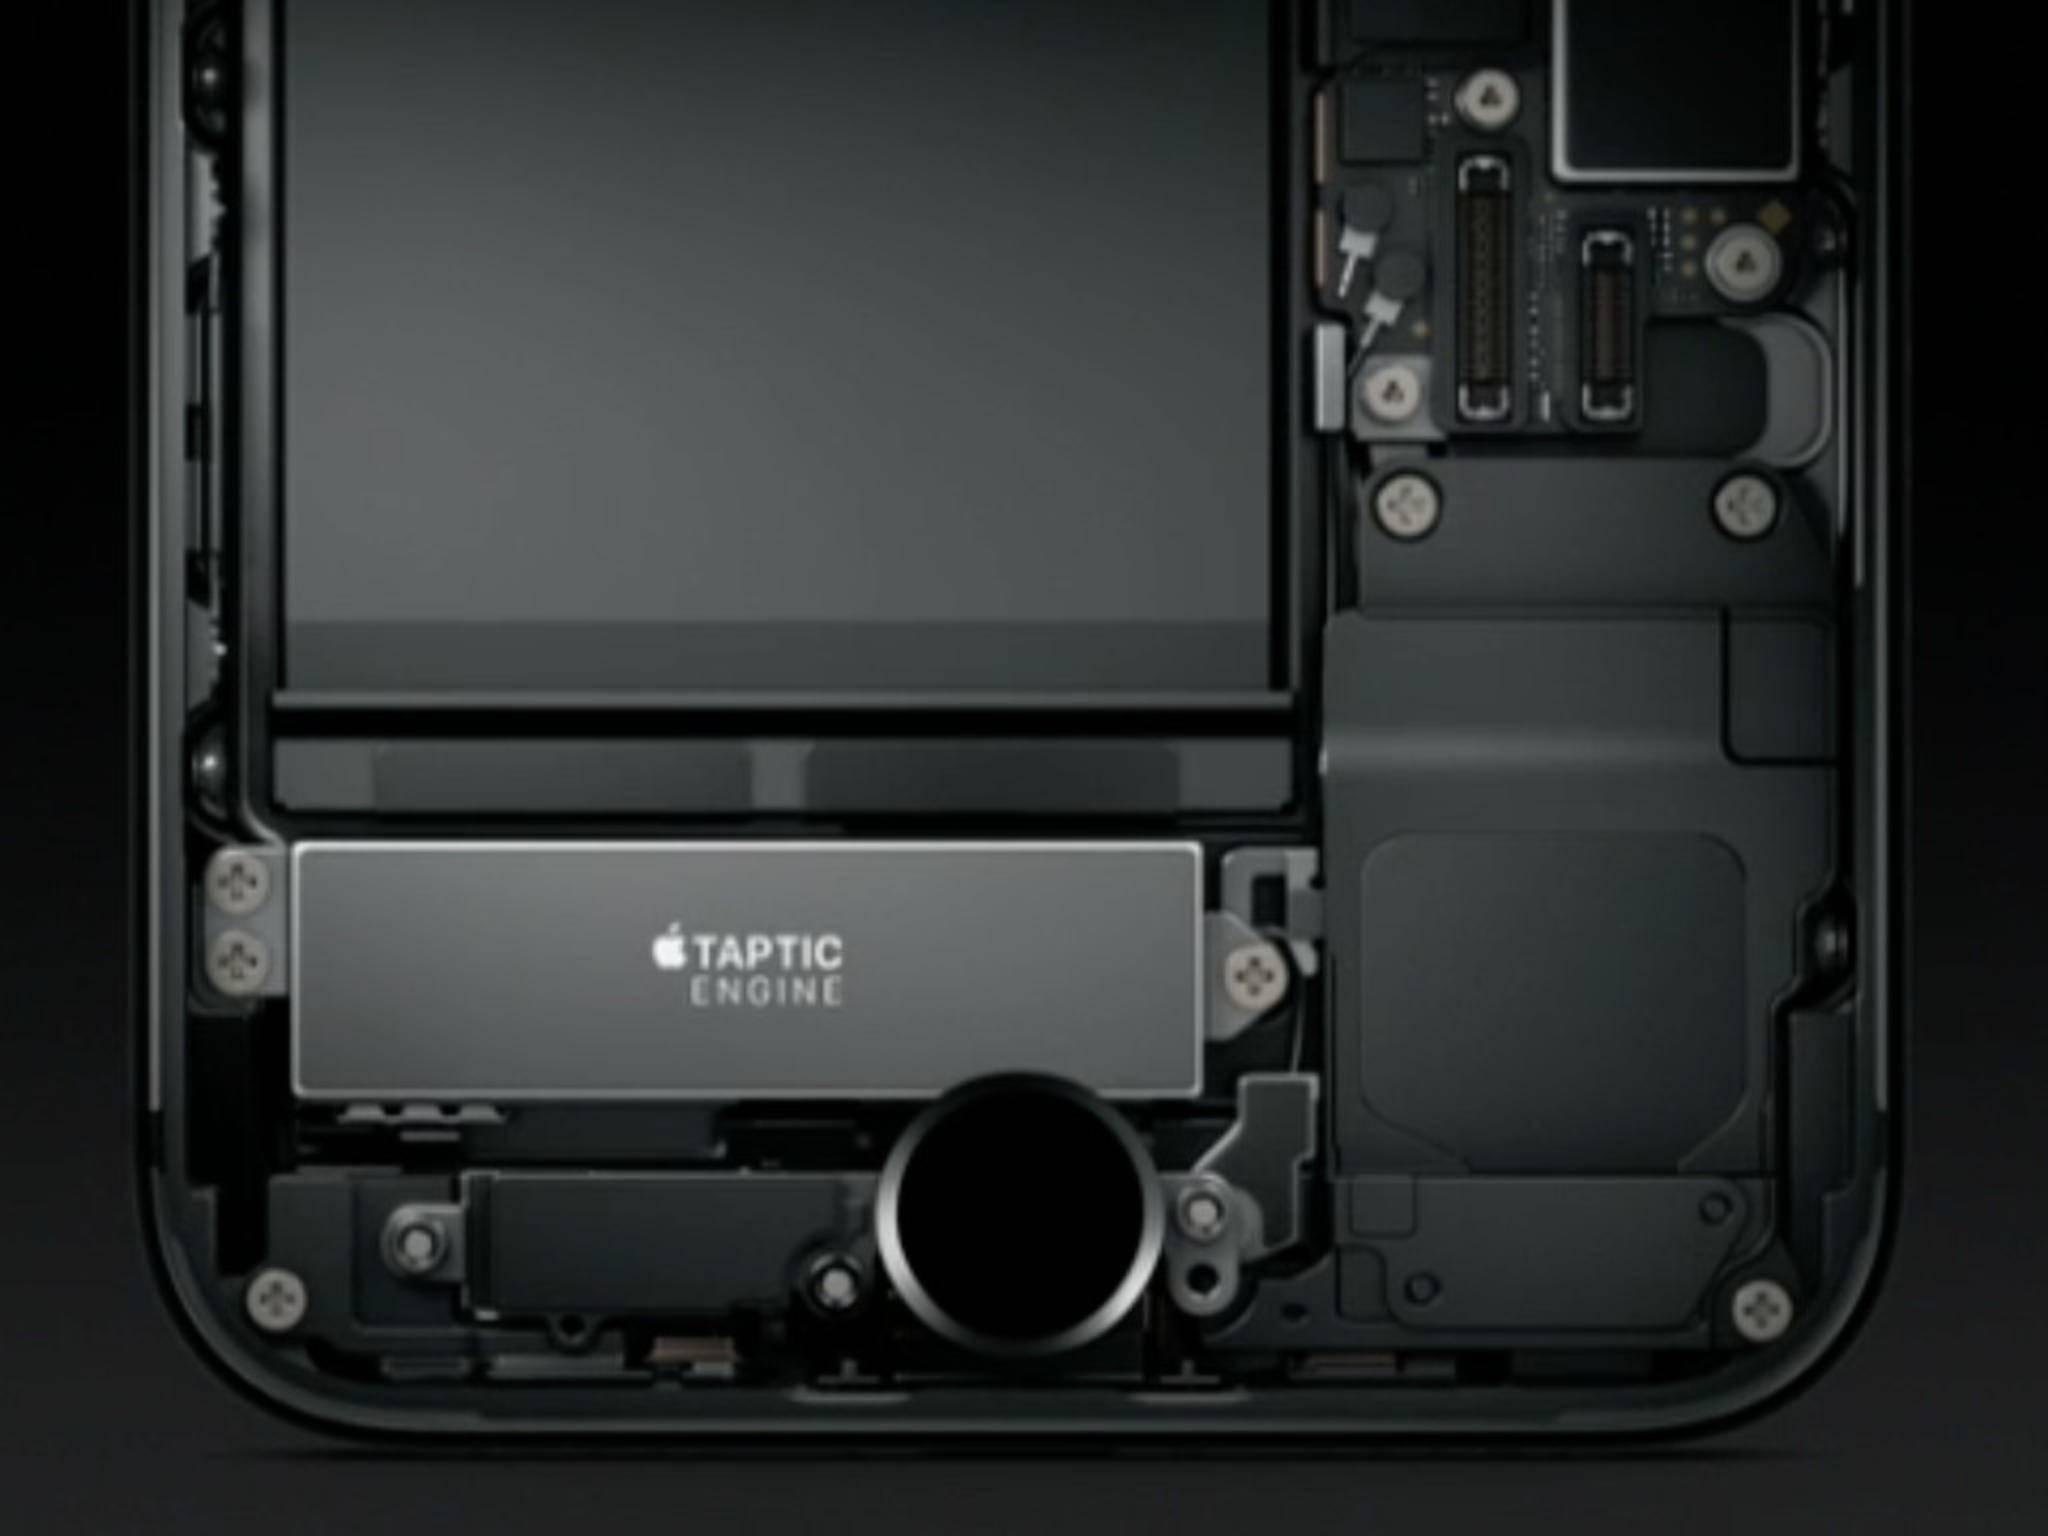 Der neue Home-Button des iPhone 7 fühlt sich gewöhnungsbedürftig an.